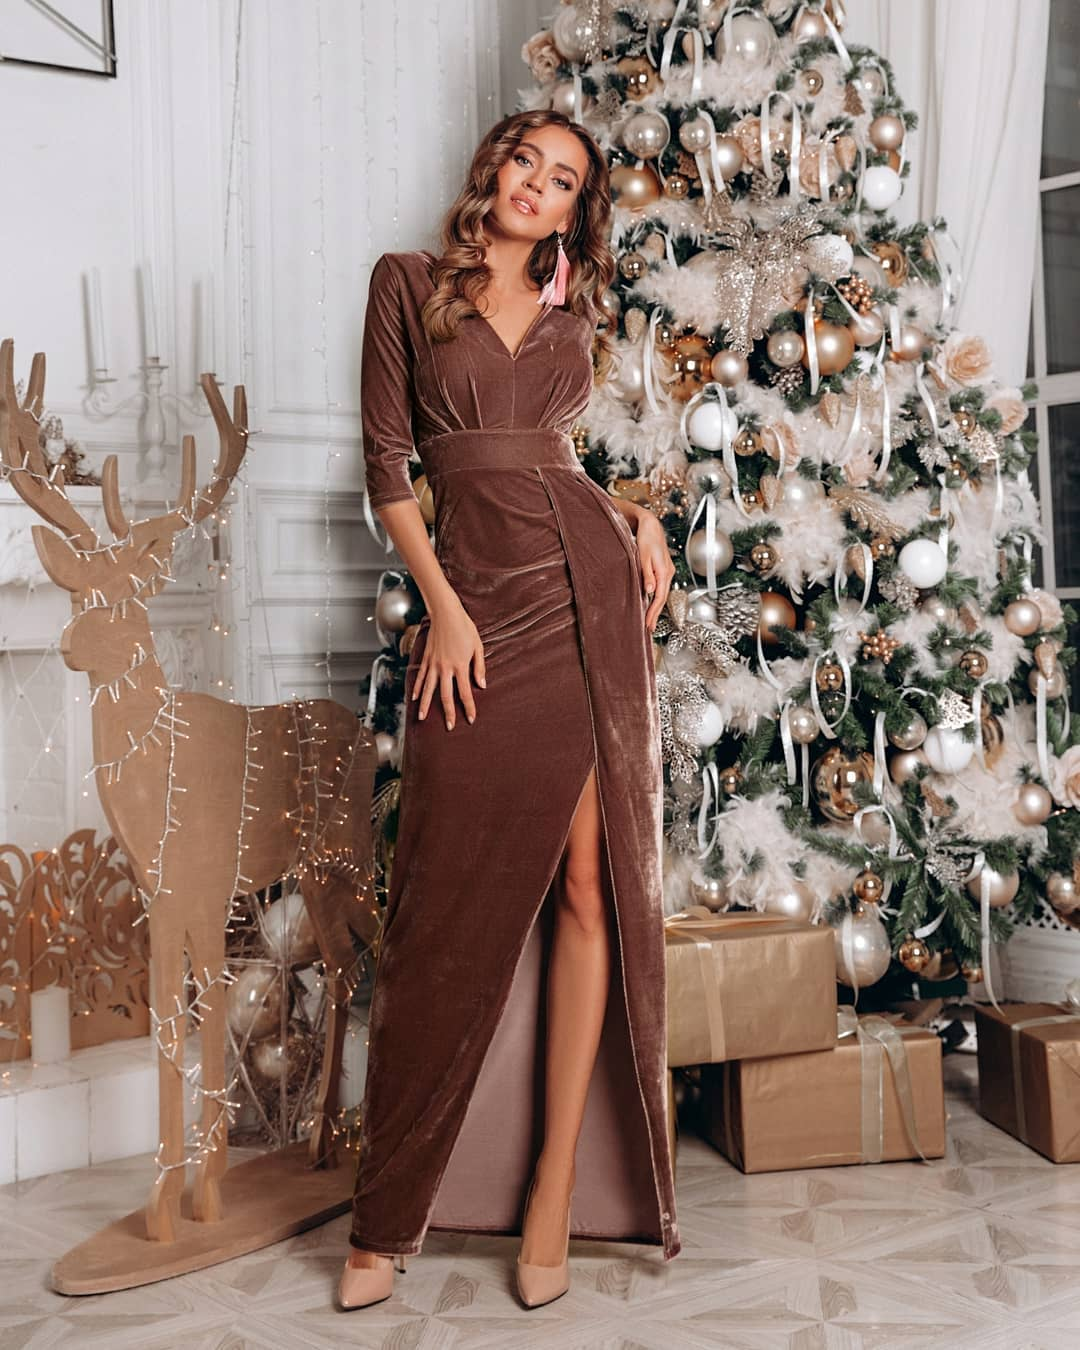 Красивое платье на Новый год 2020